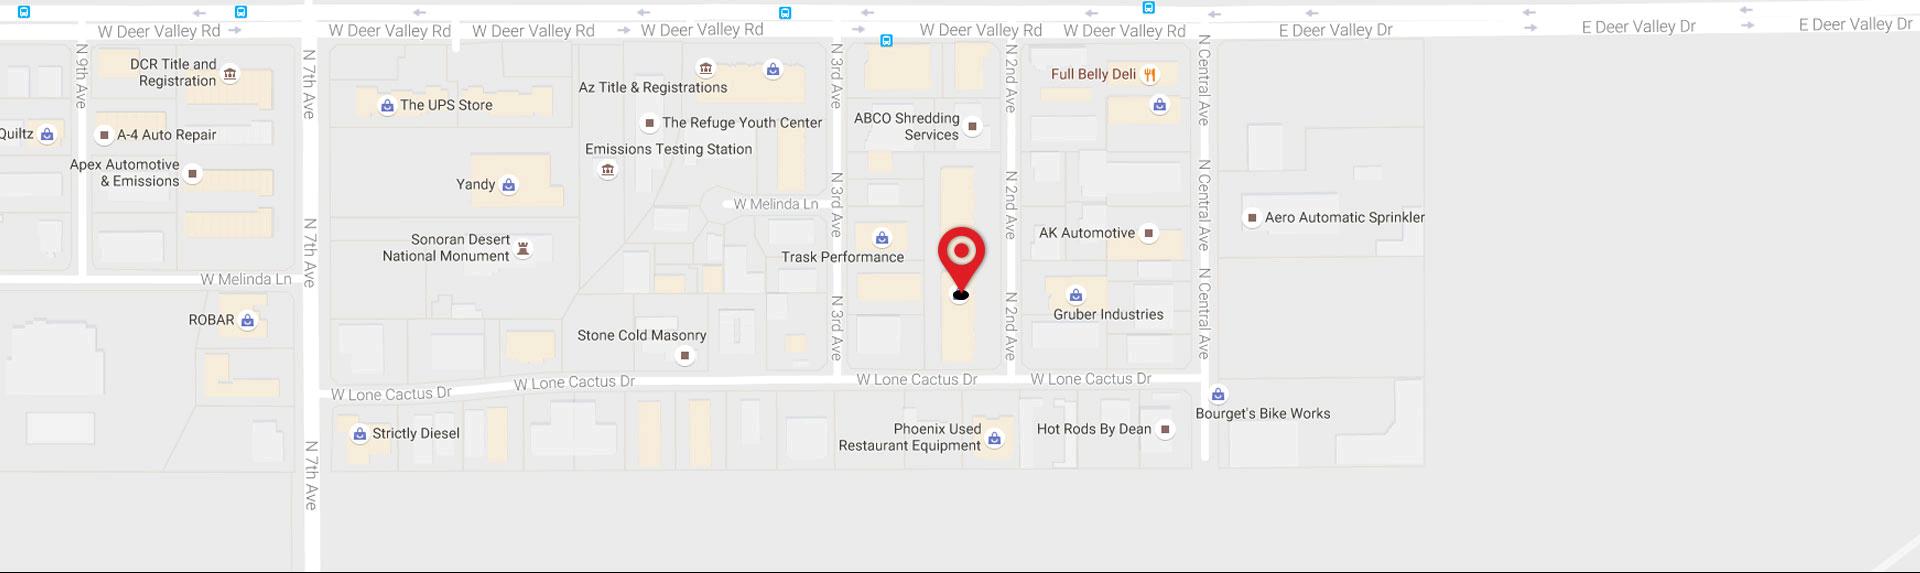 dealer area map